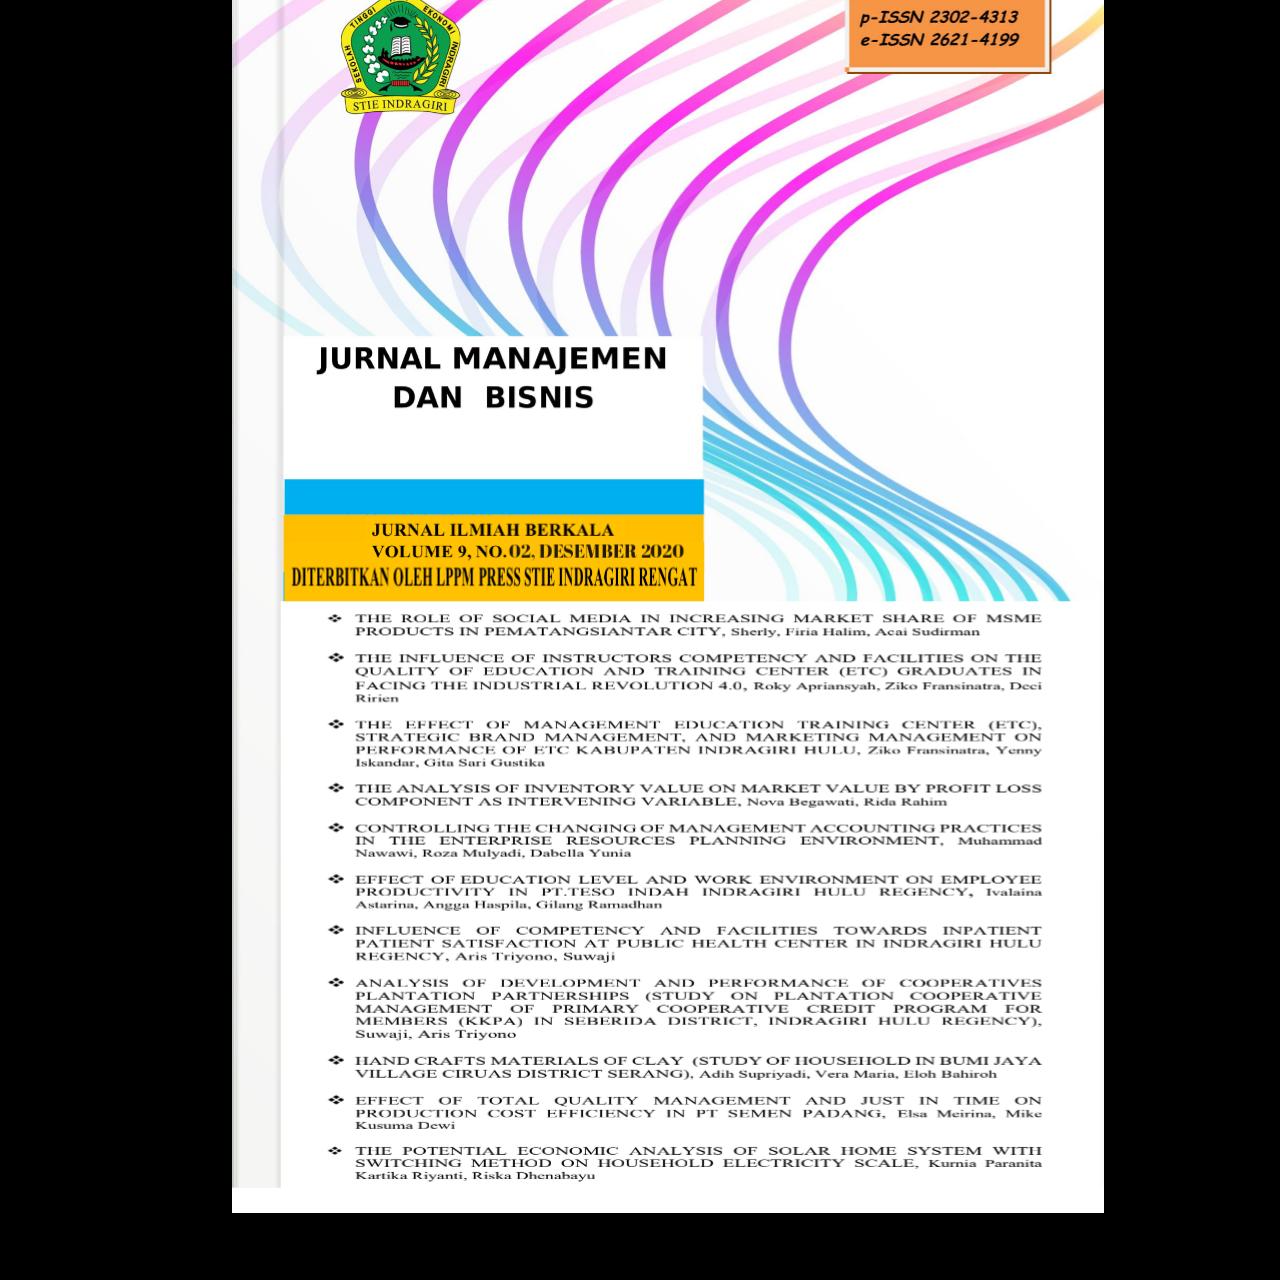 View Vol. 9 No. 2 (2020): JURNAL MANAJEMEN DAN BISNIS (TERBIT DESEMBER 2020)